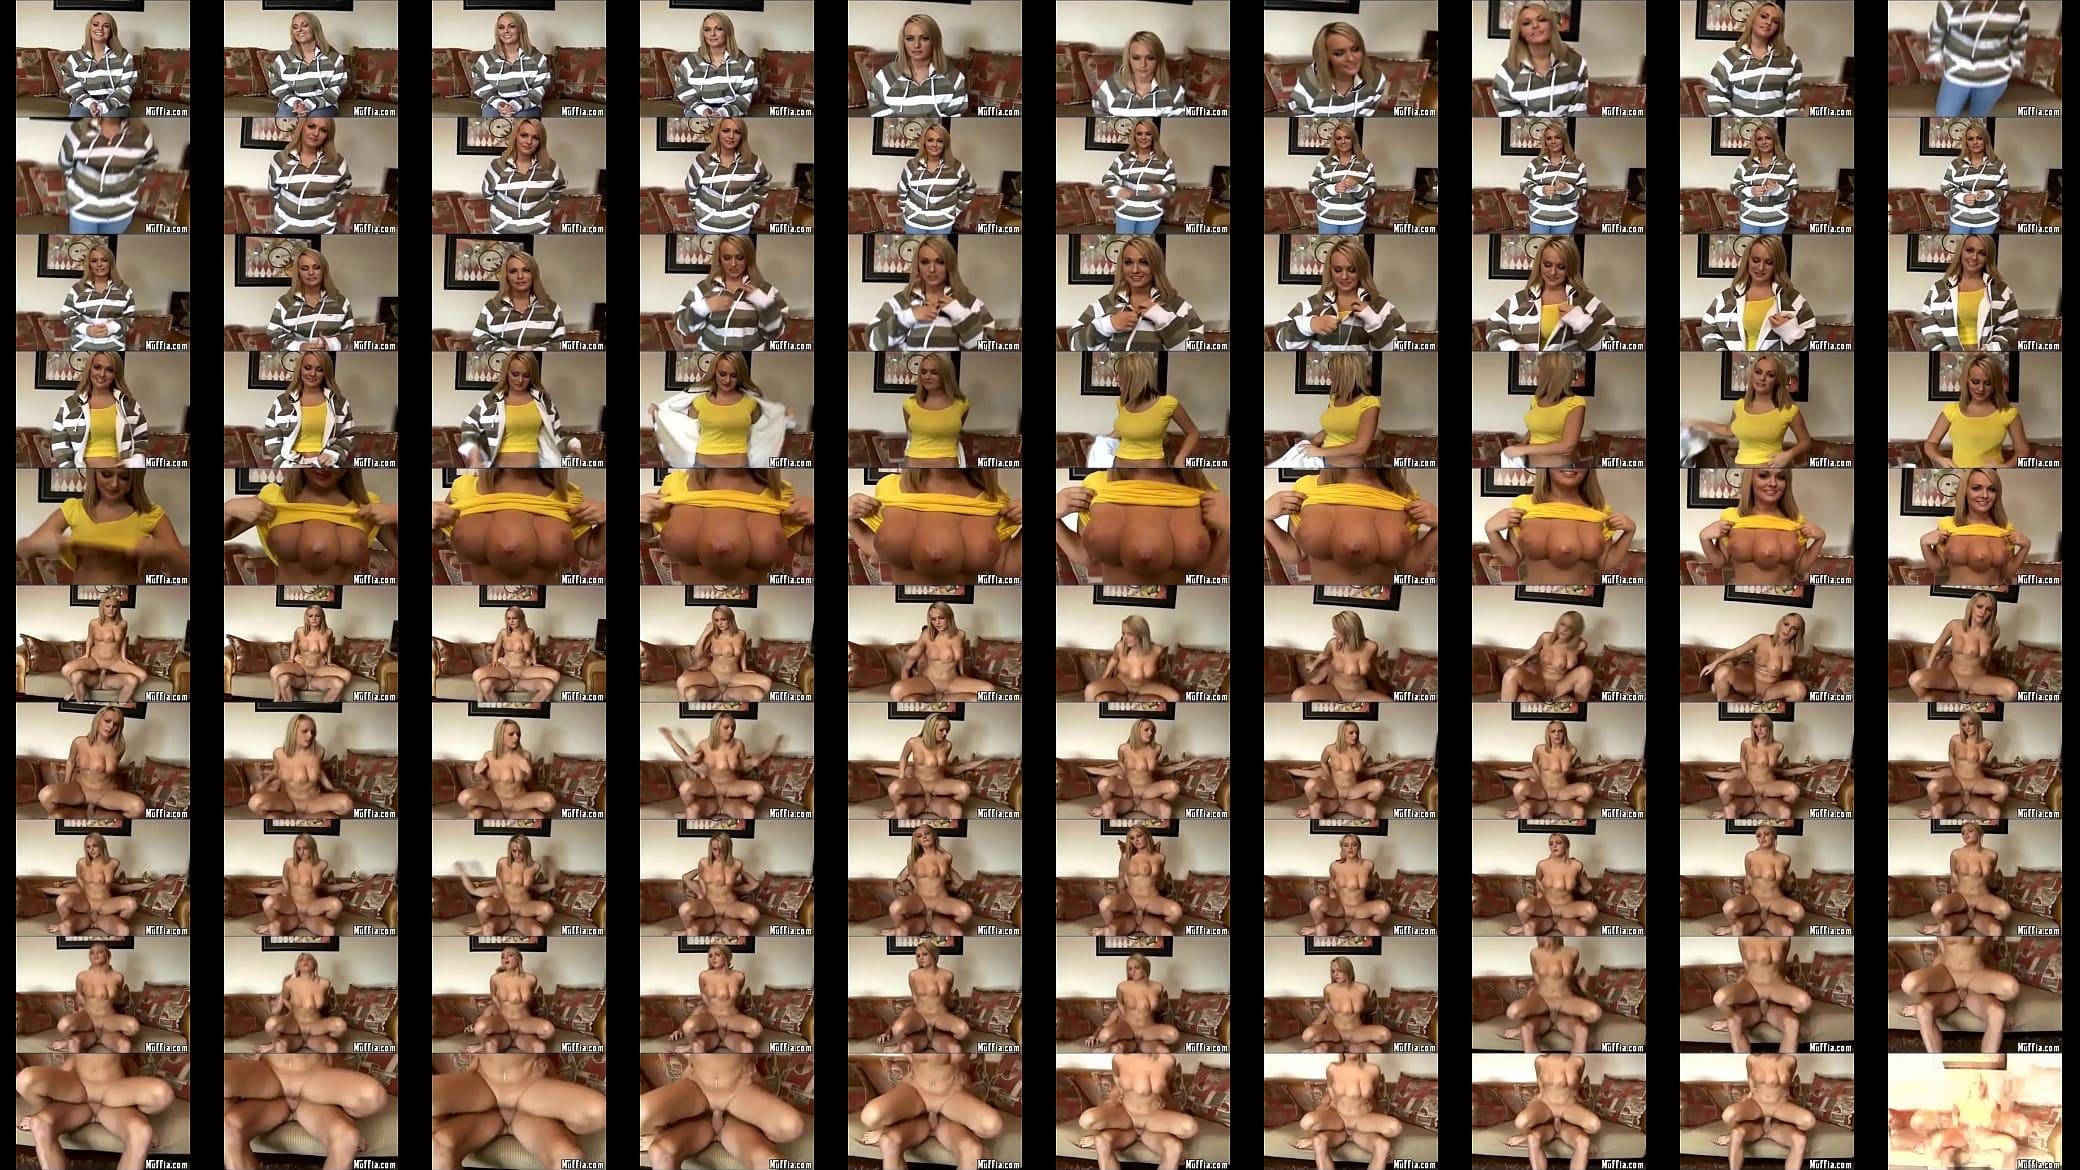 4 Teras De Porno chica con 3 senos - xvideos